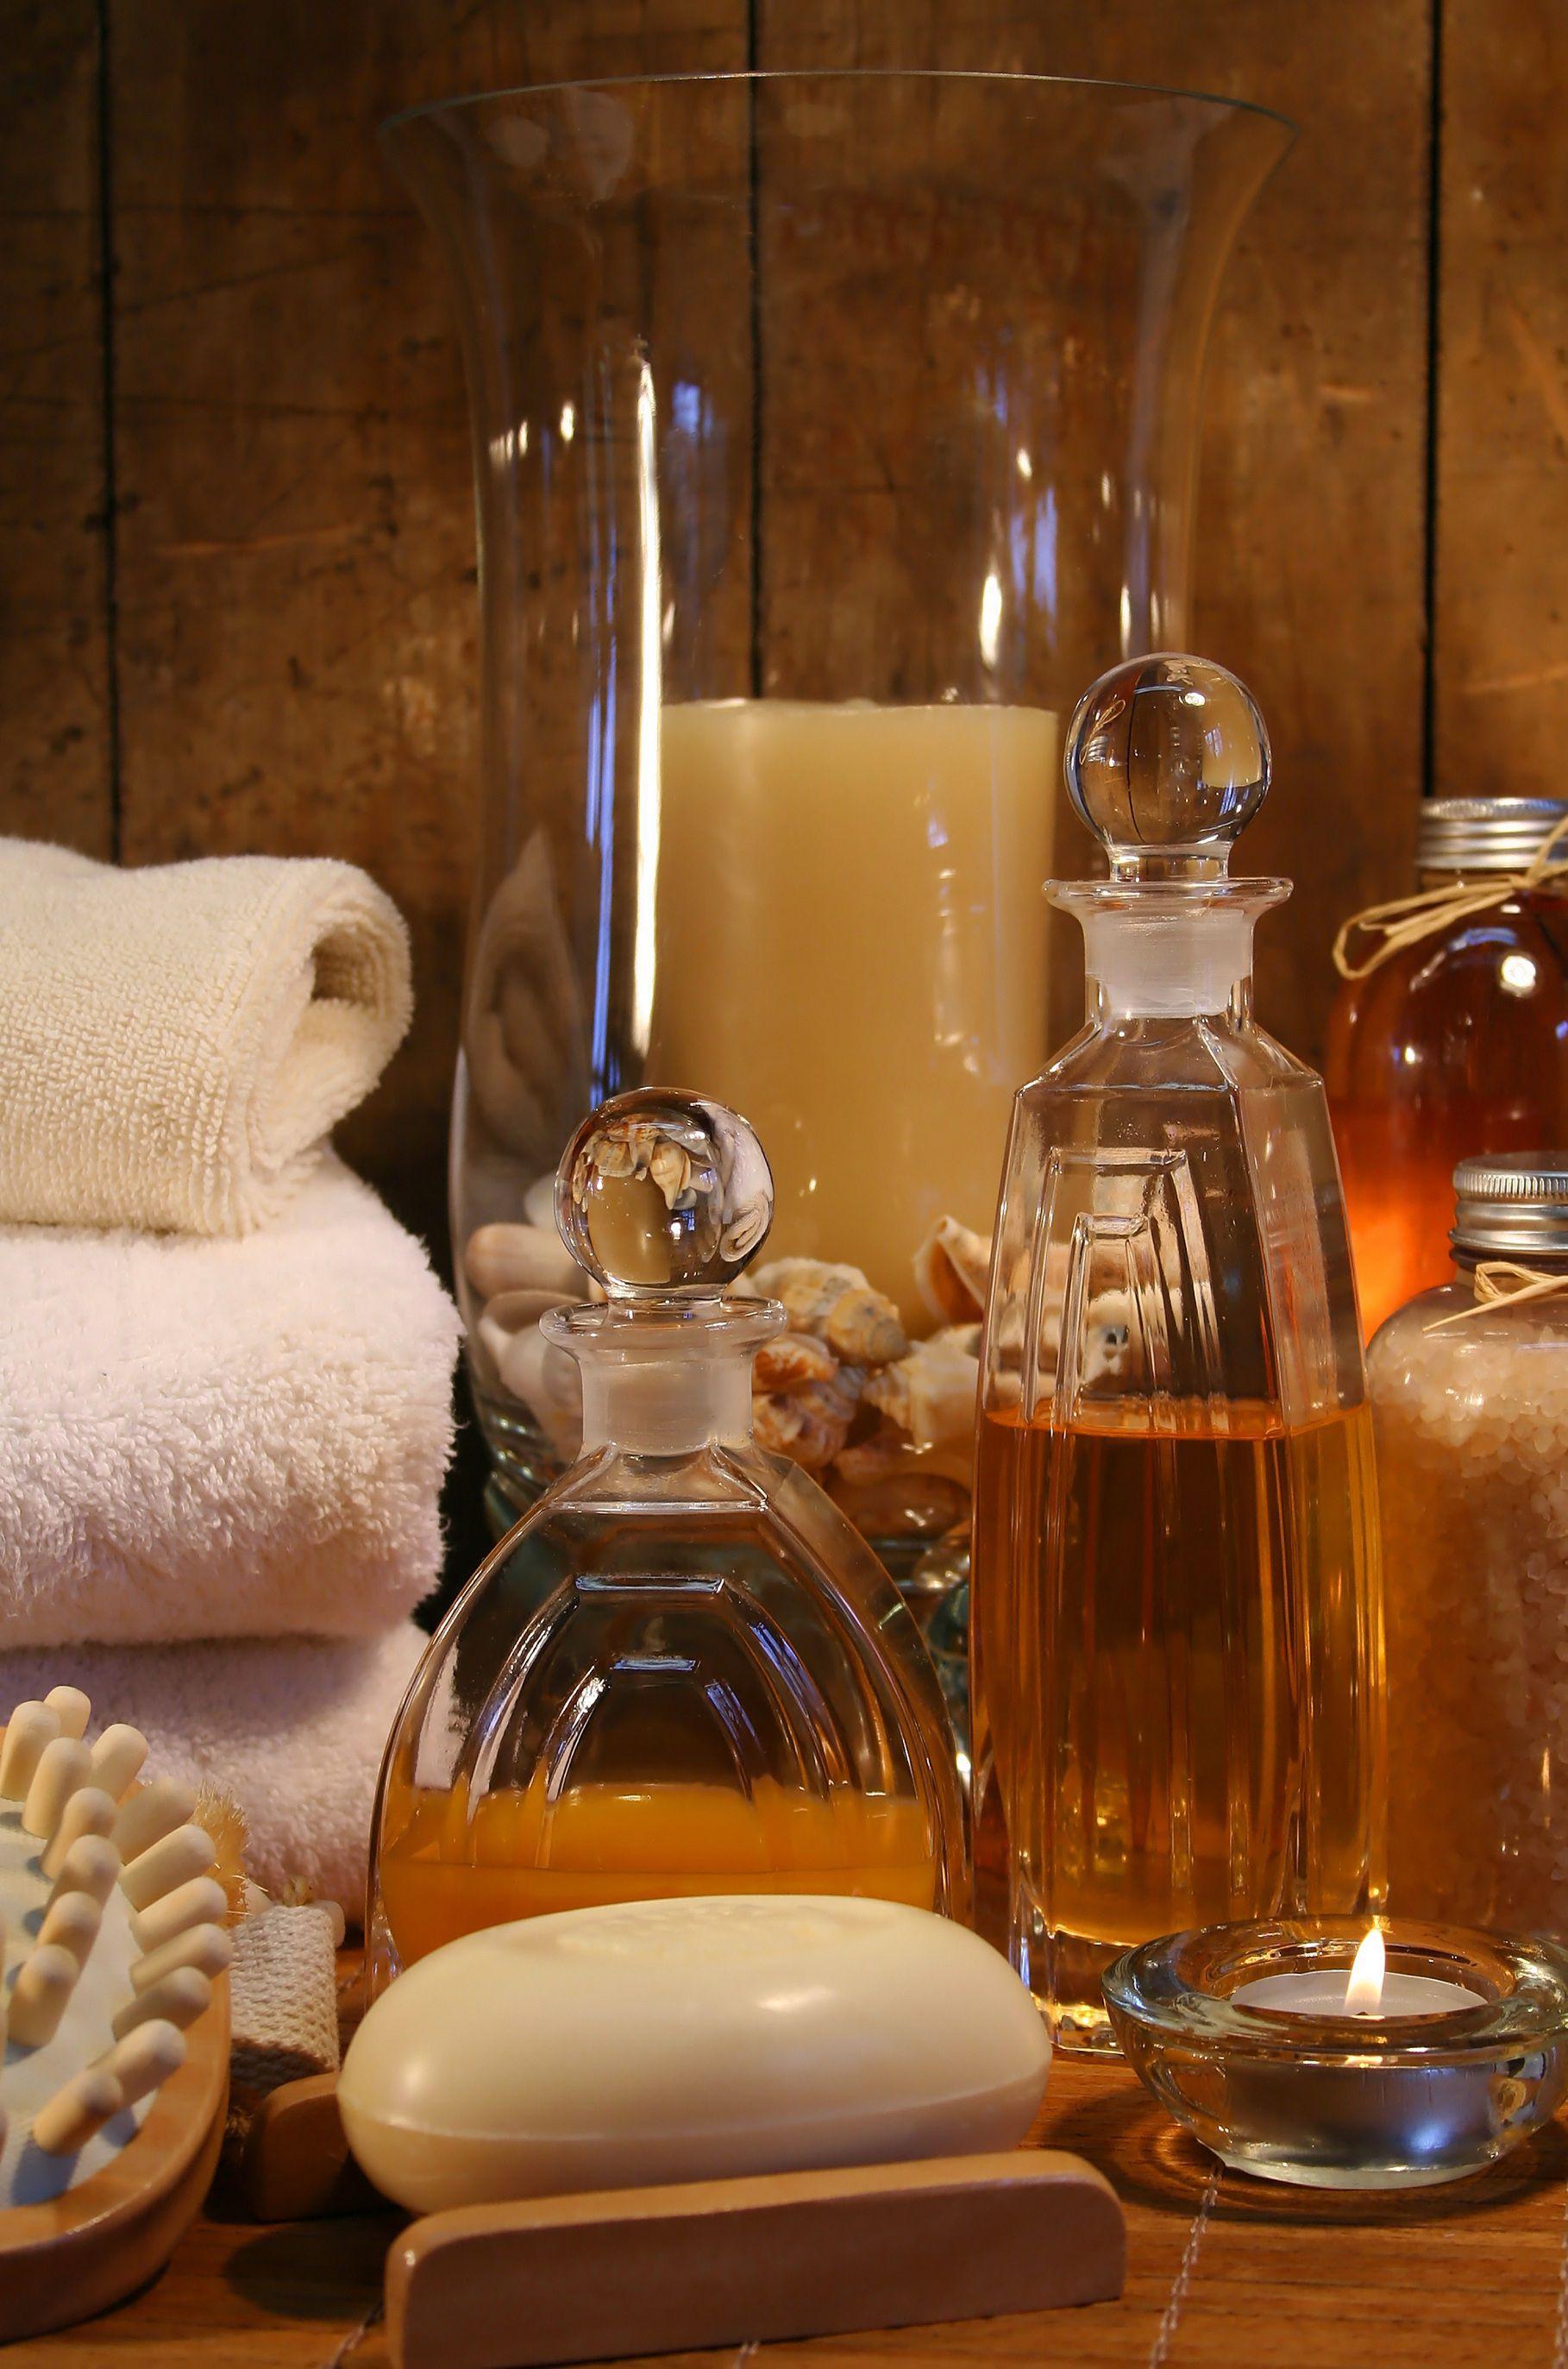 L'EXPERTISE en Elixirs de Beauté Naturelle